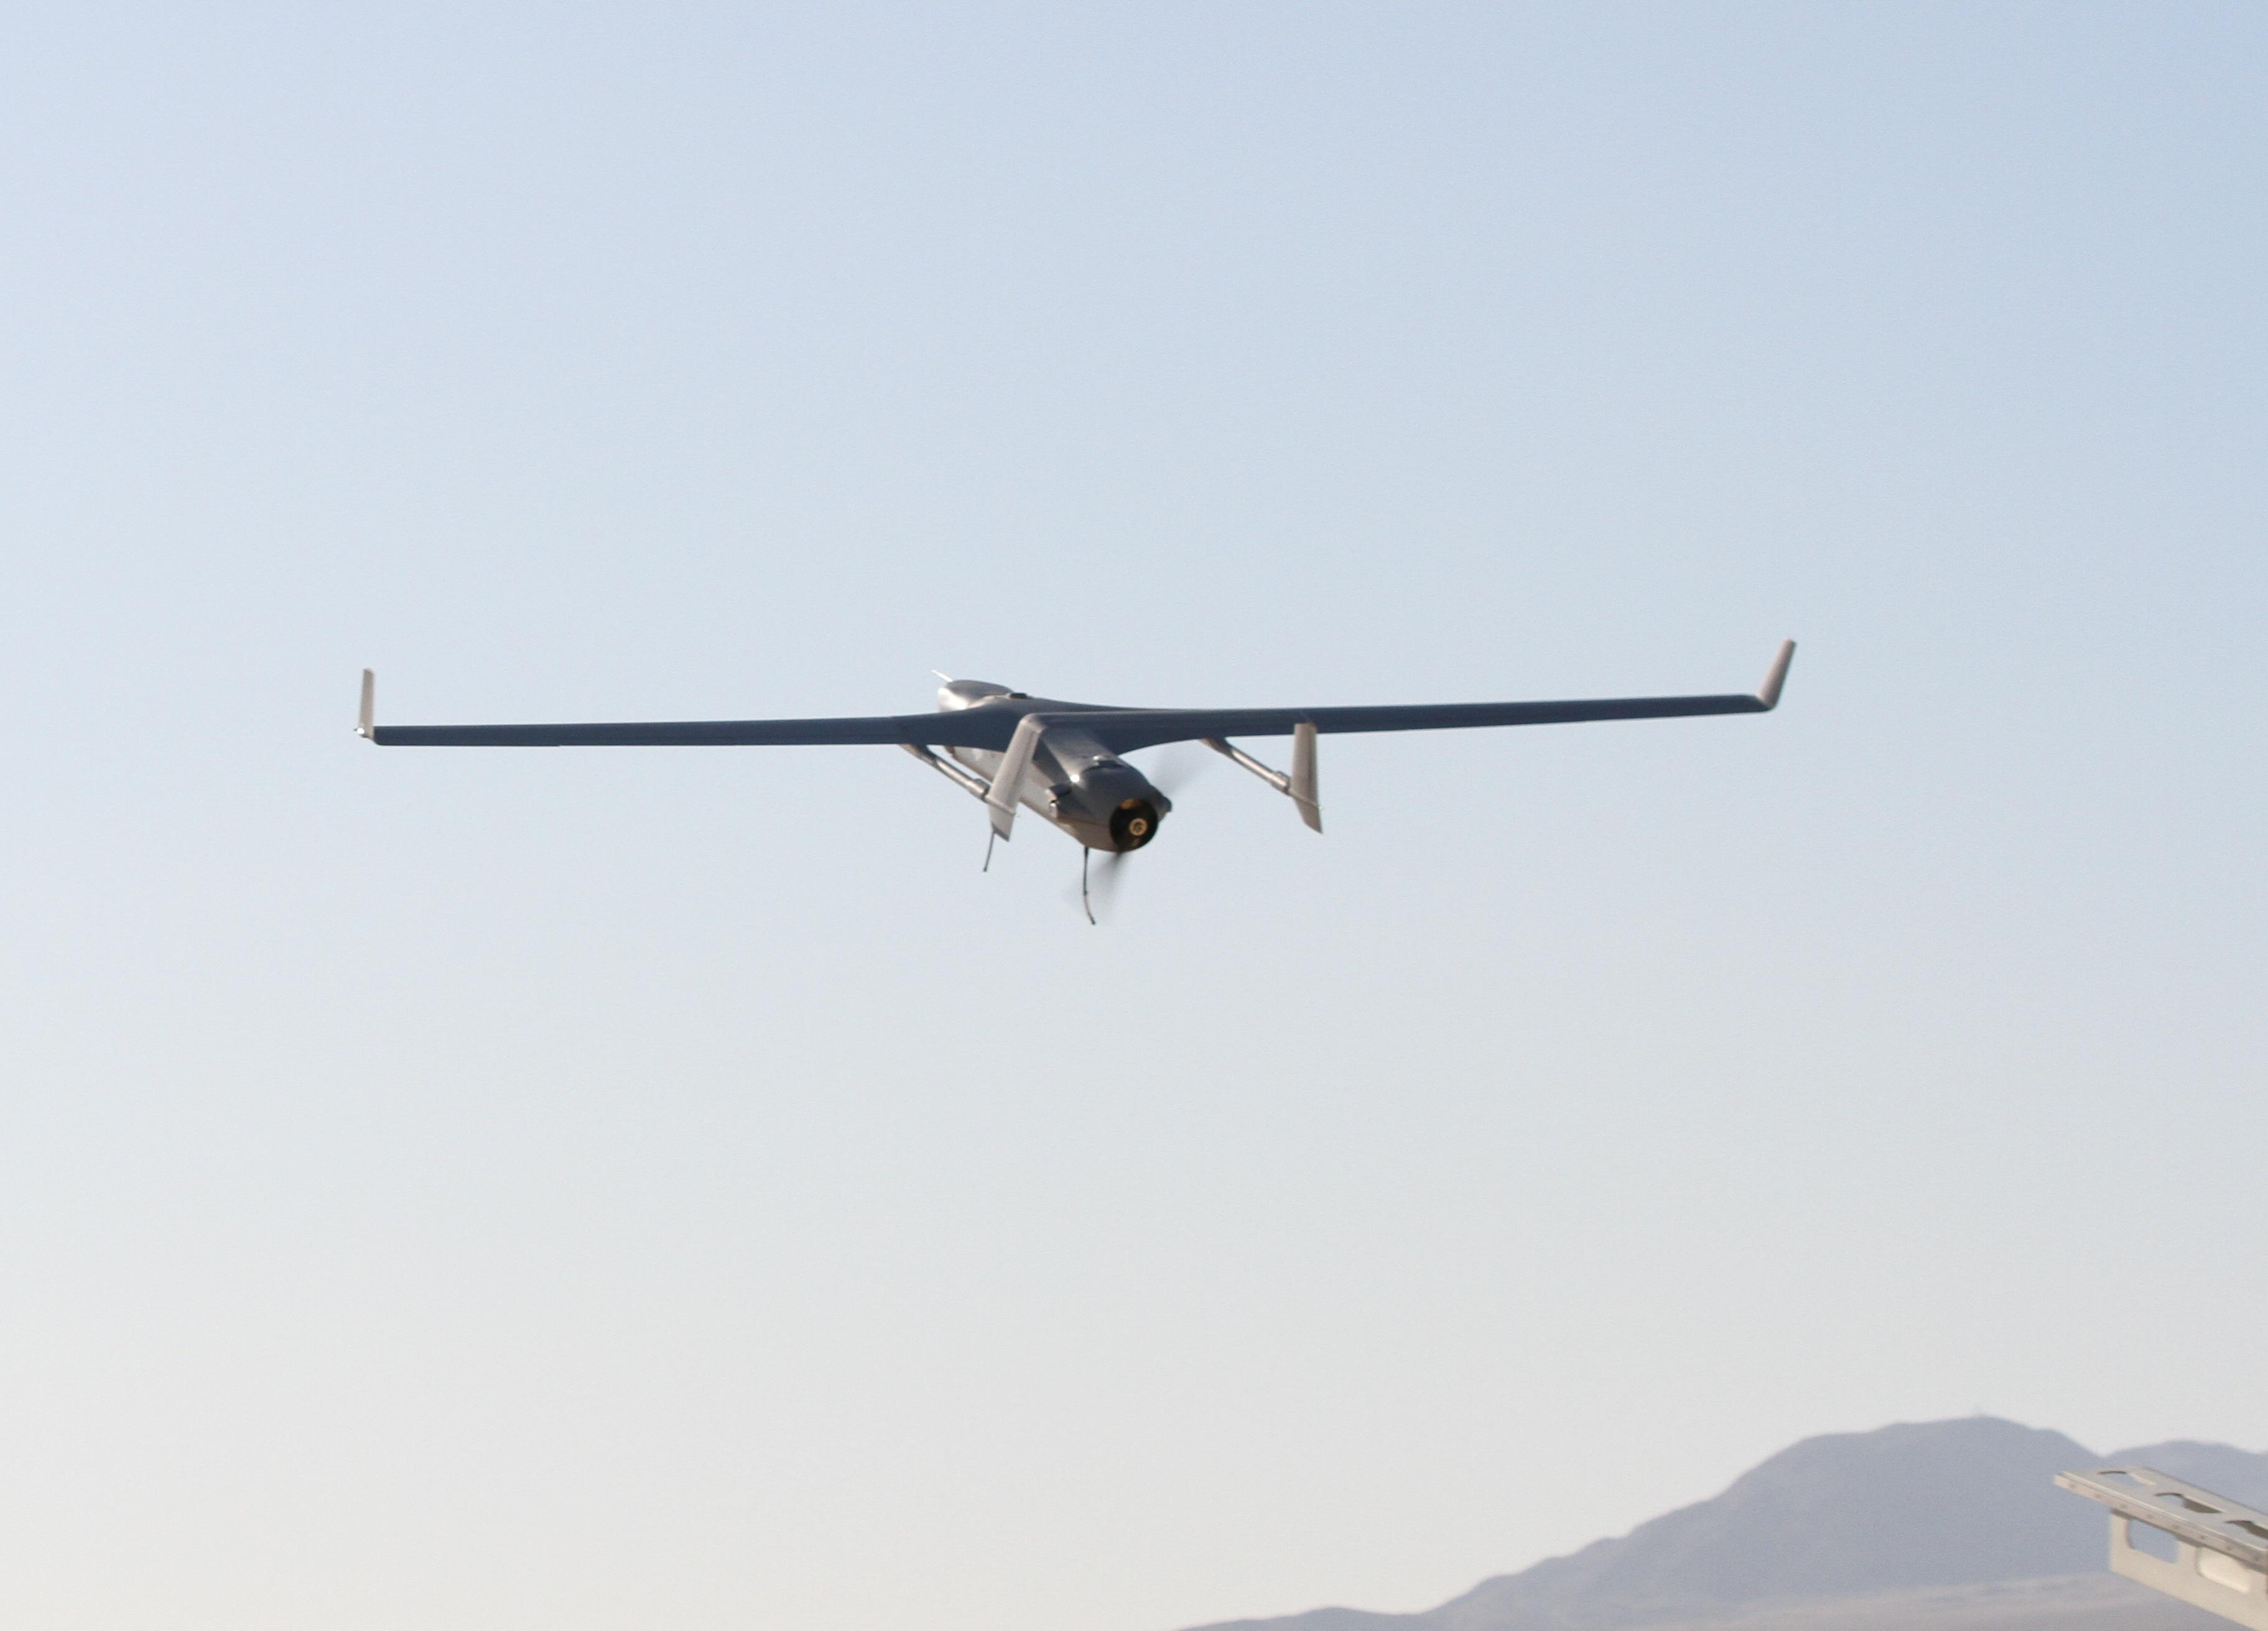 Boeing souhaite créer un drone capable d'infiltrer les réseaux Wi-Fi